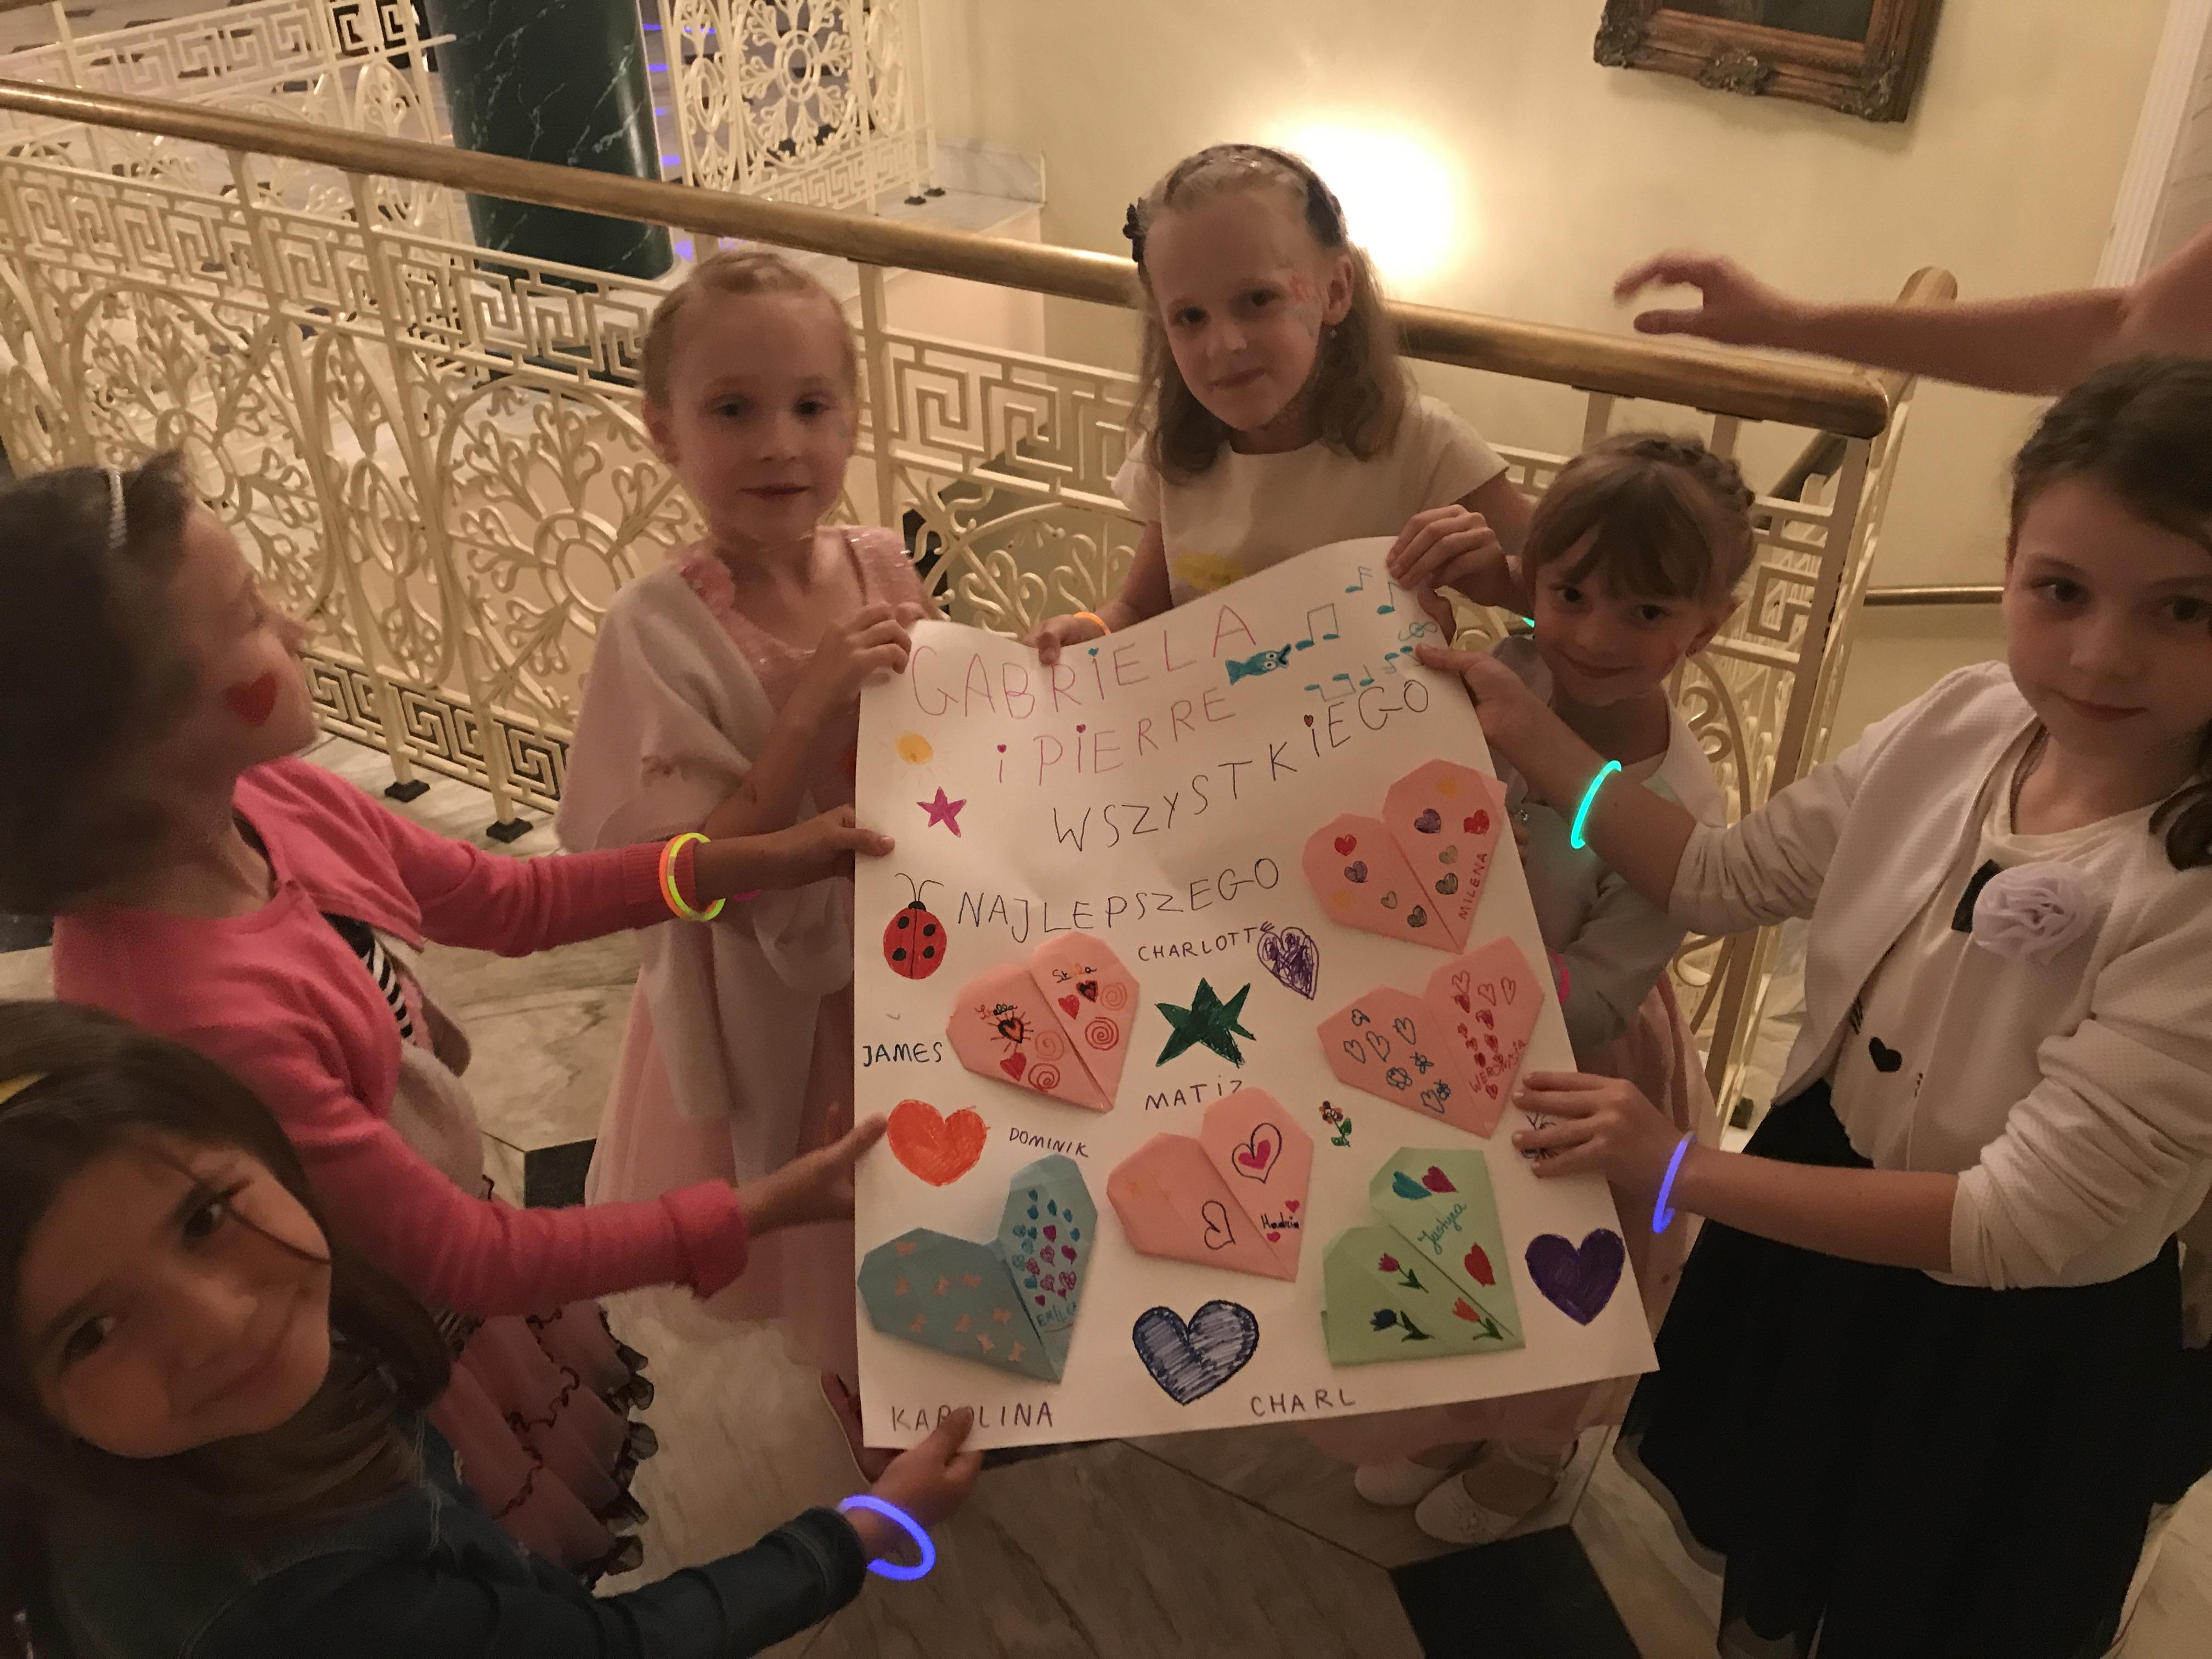 Opieka podczas wesela w Bielsko-Biała i Jeleśnia. Malowanie twarzy, robienie tatuaży oraz modelowanie zwierzątek z baloników. Całonocna opieka dla dzieci podczas komunii.